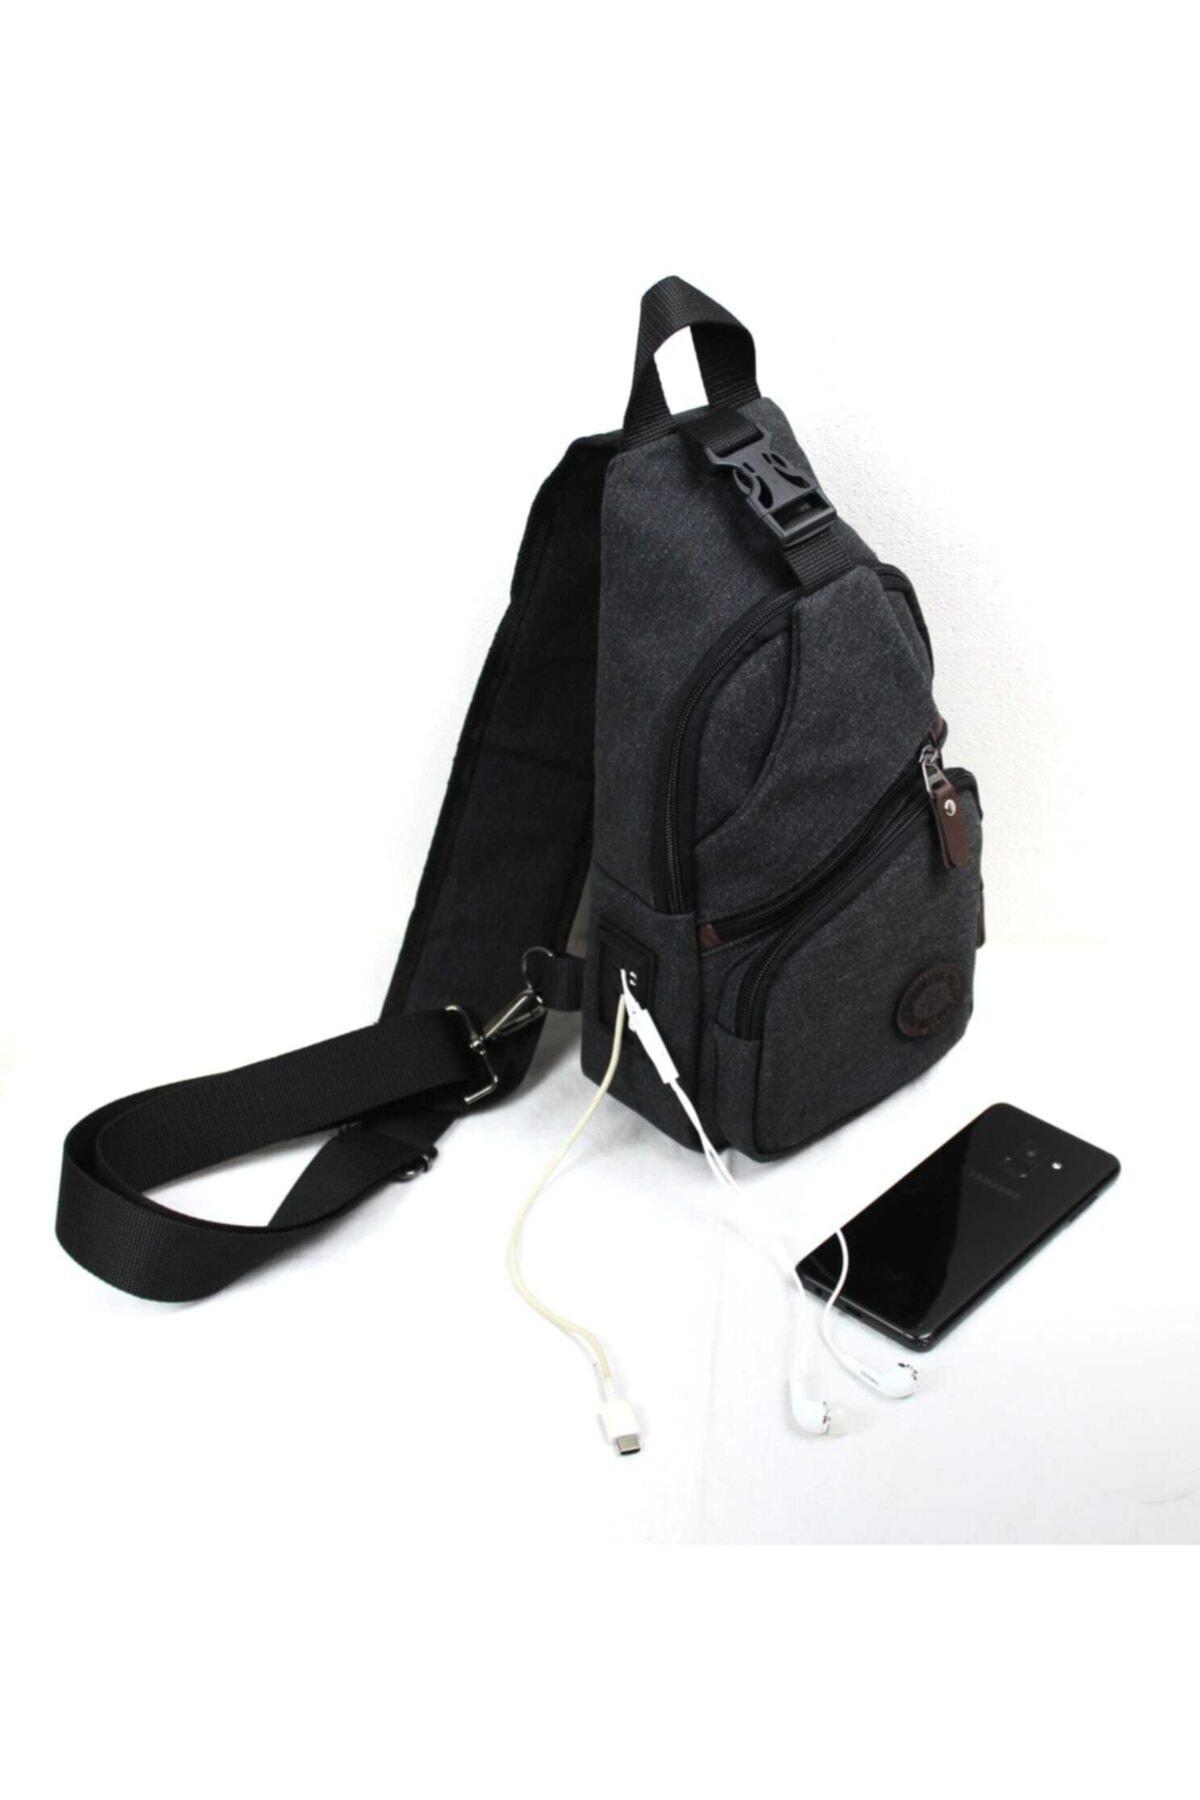 Newish Polo Kanvas Usb Çıkışlı Cross Bodybag 2